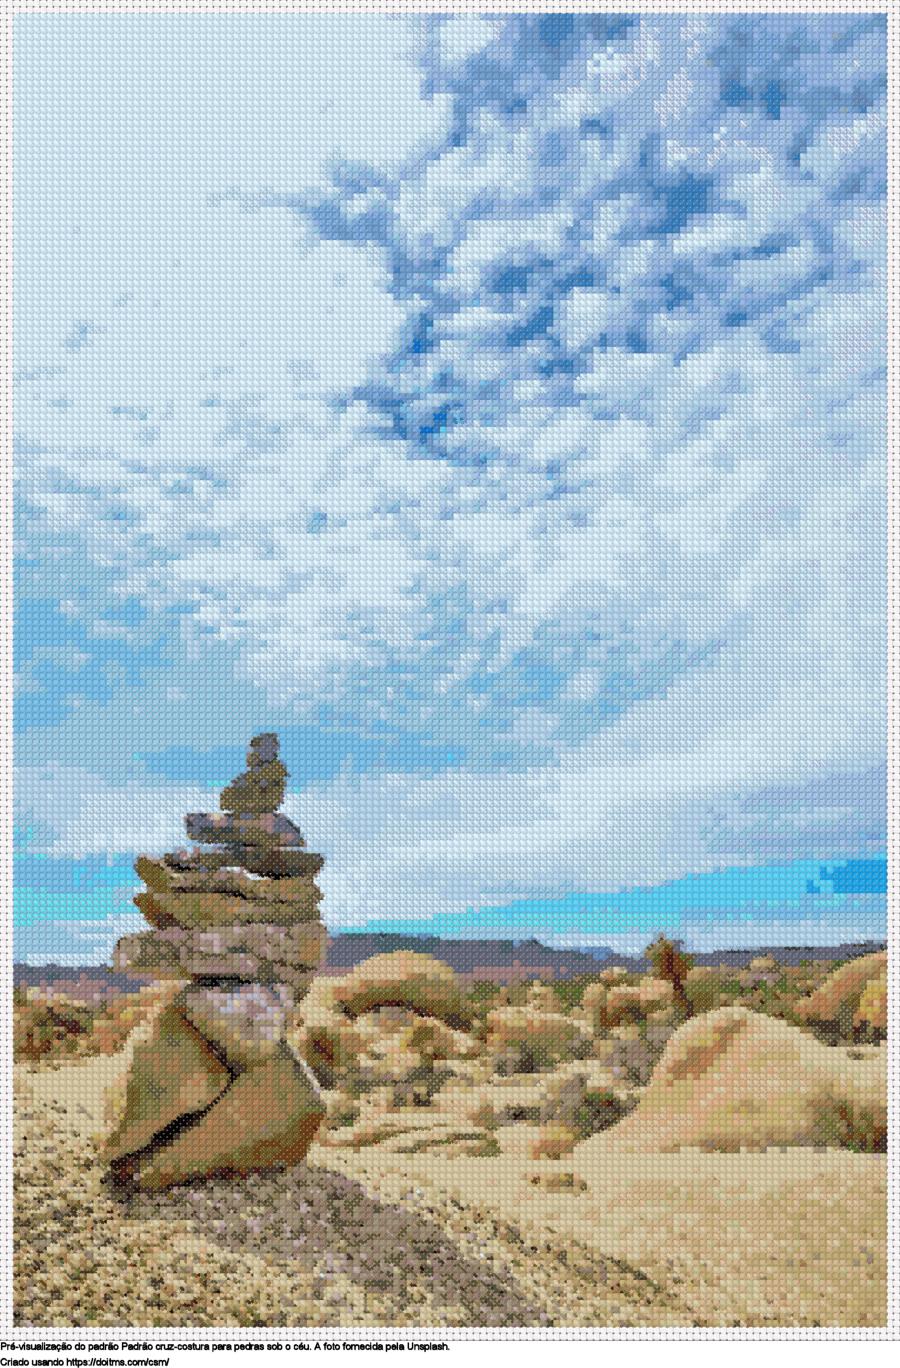 Pedras sob o céu